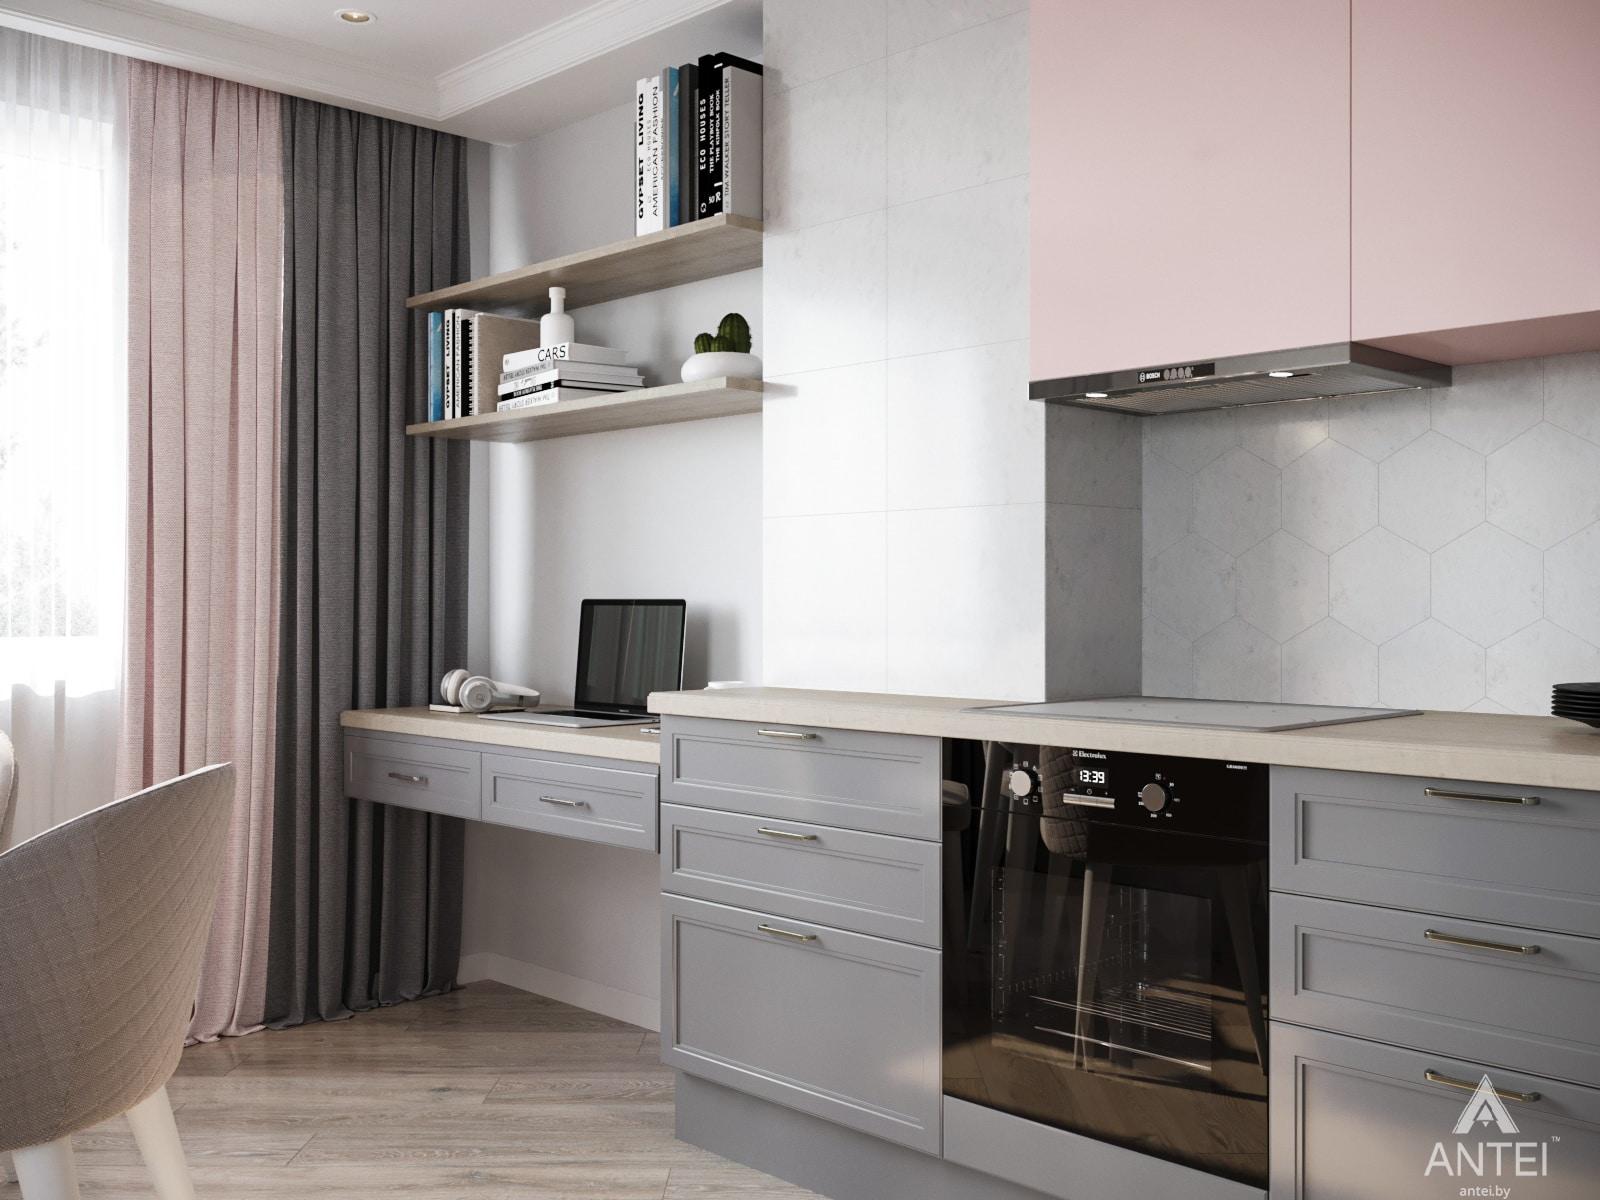 Дизайн интерьера трехкомнатной квартиры в Гомеле, ул. Бородина Т.С. - кухня фото №2